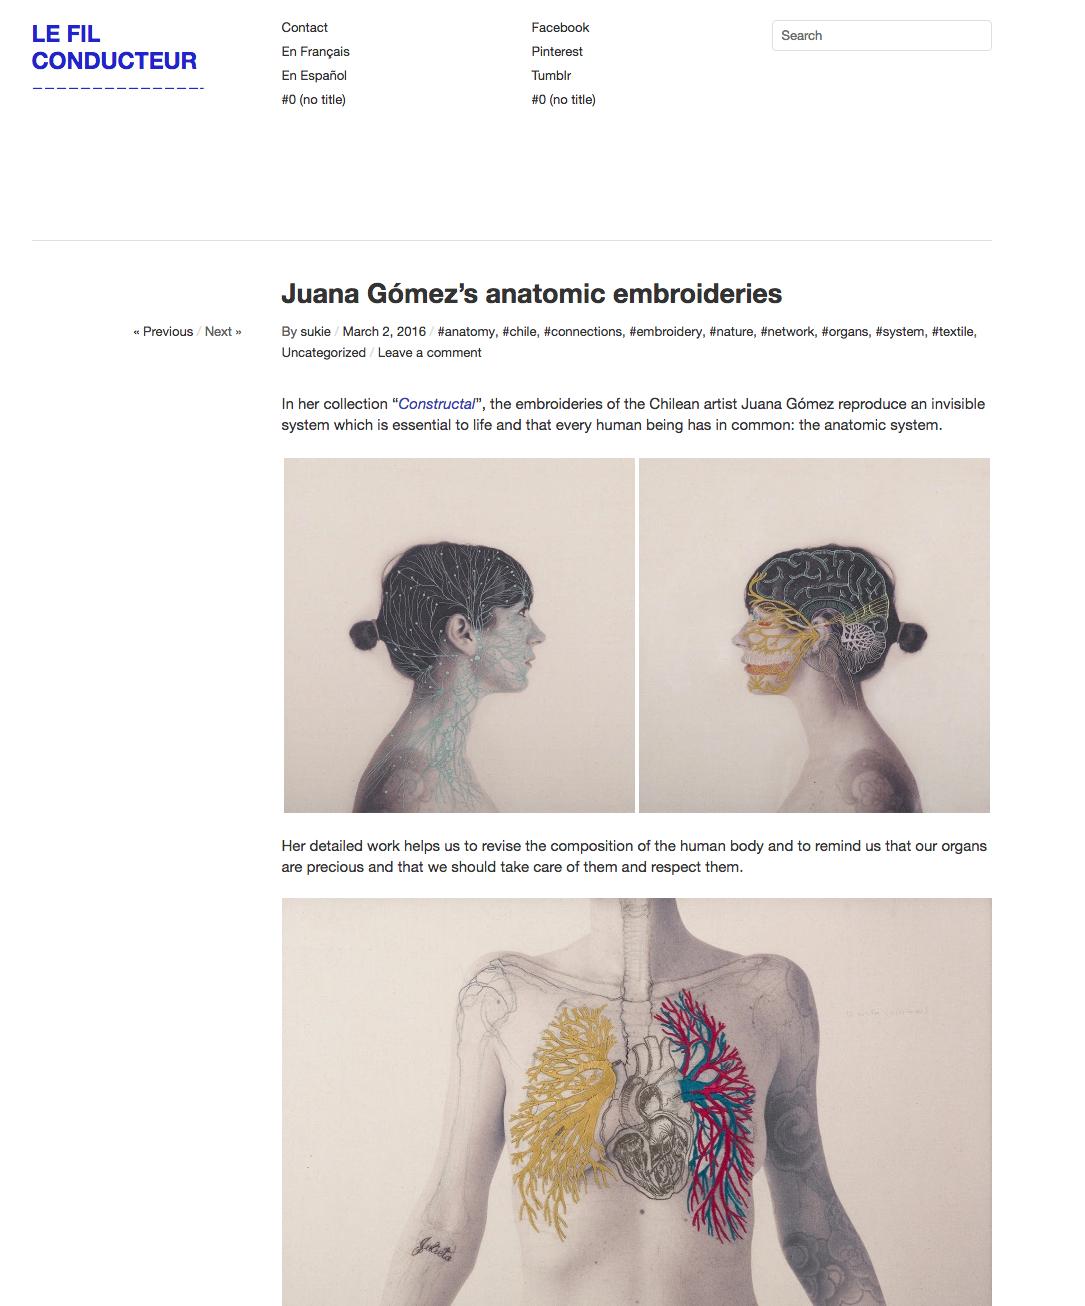 Juana Gomez-le fil conducteur